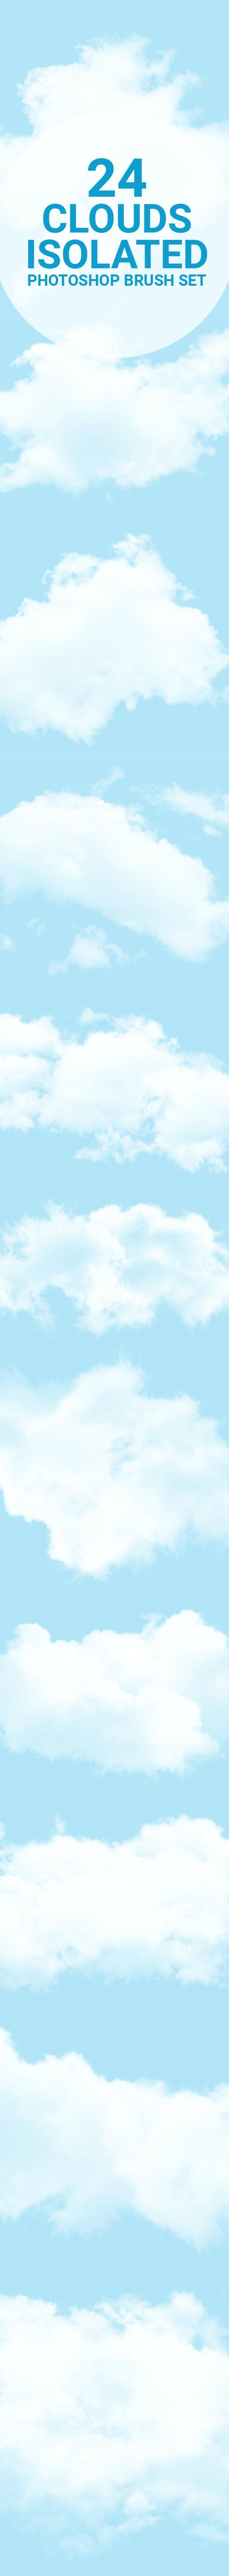 24 Cloud Isolated Photoshop Brushes Set - Brushes Photoshop